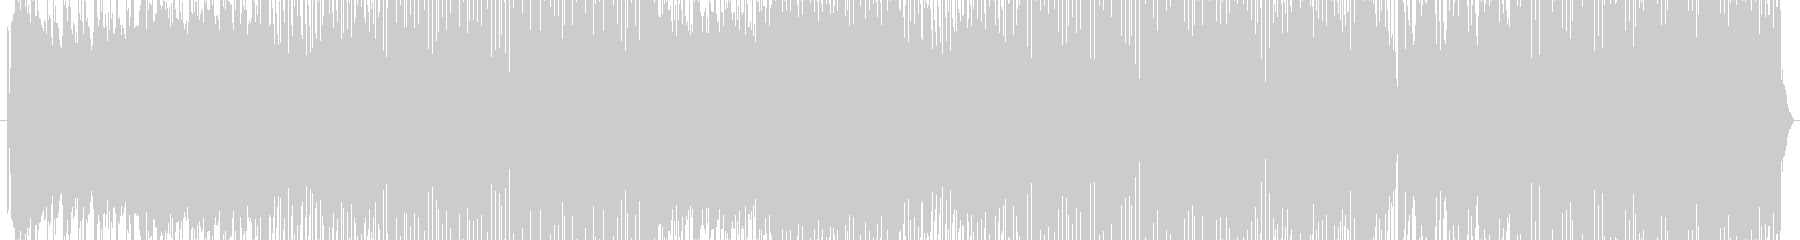 キャッチーなシンセメロが特徴のEDMの未再生の波形